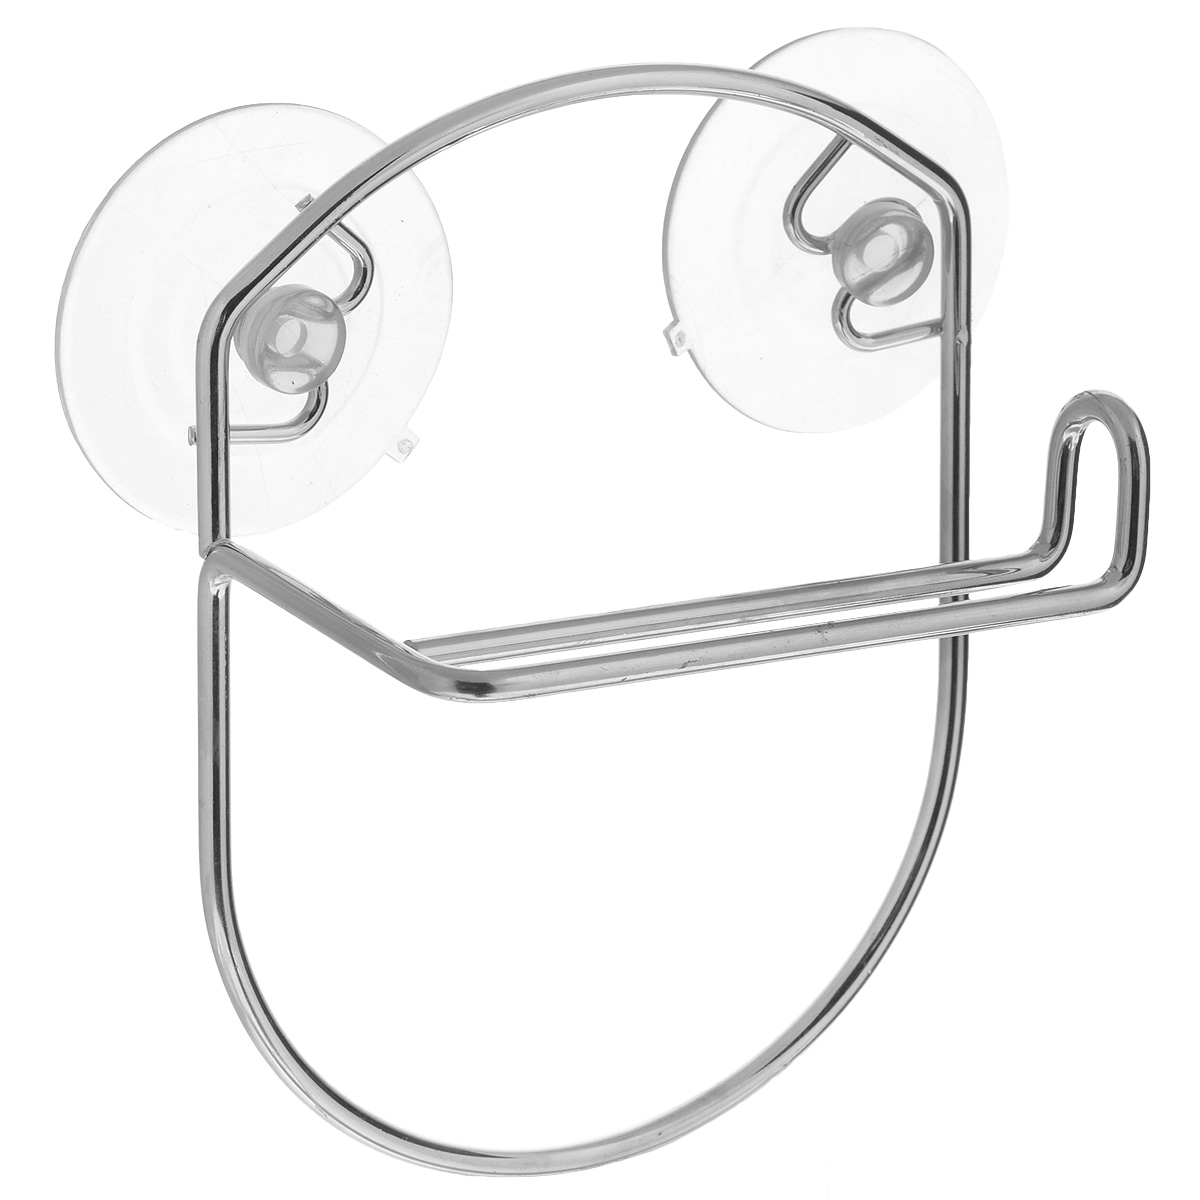 Держатель для туалетной бумаги LaSella, на присосках, цвет: металлик68/5/1Держатель для туалетной бумаги LaSella изготовлен из высококачественной стали с хромированным покрытием, которое устойчиво к влажности и перепадам температуры. Держатель поможет оформить интерьер в выбранном стиле, разбавляя пространство туалетной комнаты различными элементами. Он хорошо впишется в любой интерьер, придавая ему черты современности. Для большего удобства изделие крепится к поверхностям с помощью двух присосок из поливинилхлорида (входят в комплект), что дает возможность при необходимости менять их месторасположение. Размер держателя: 13,5 см х 17,5 см х 7 см. Диаметр присоски: 6,5 см.